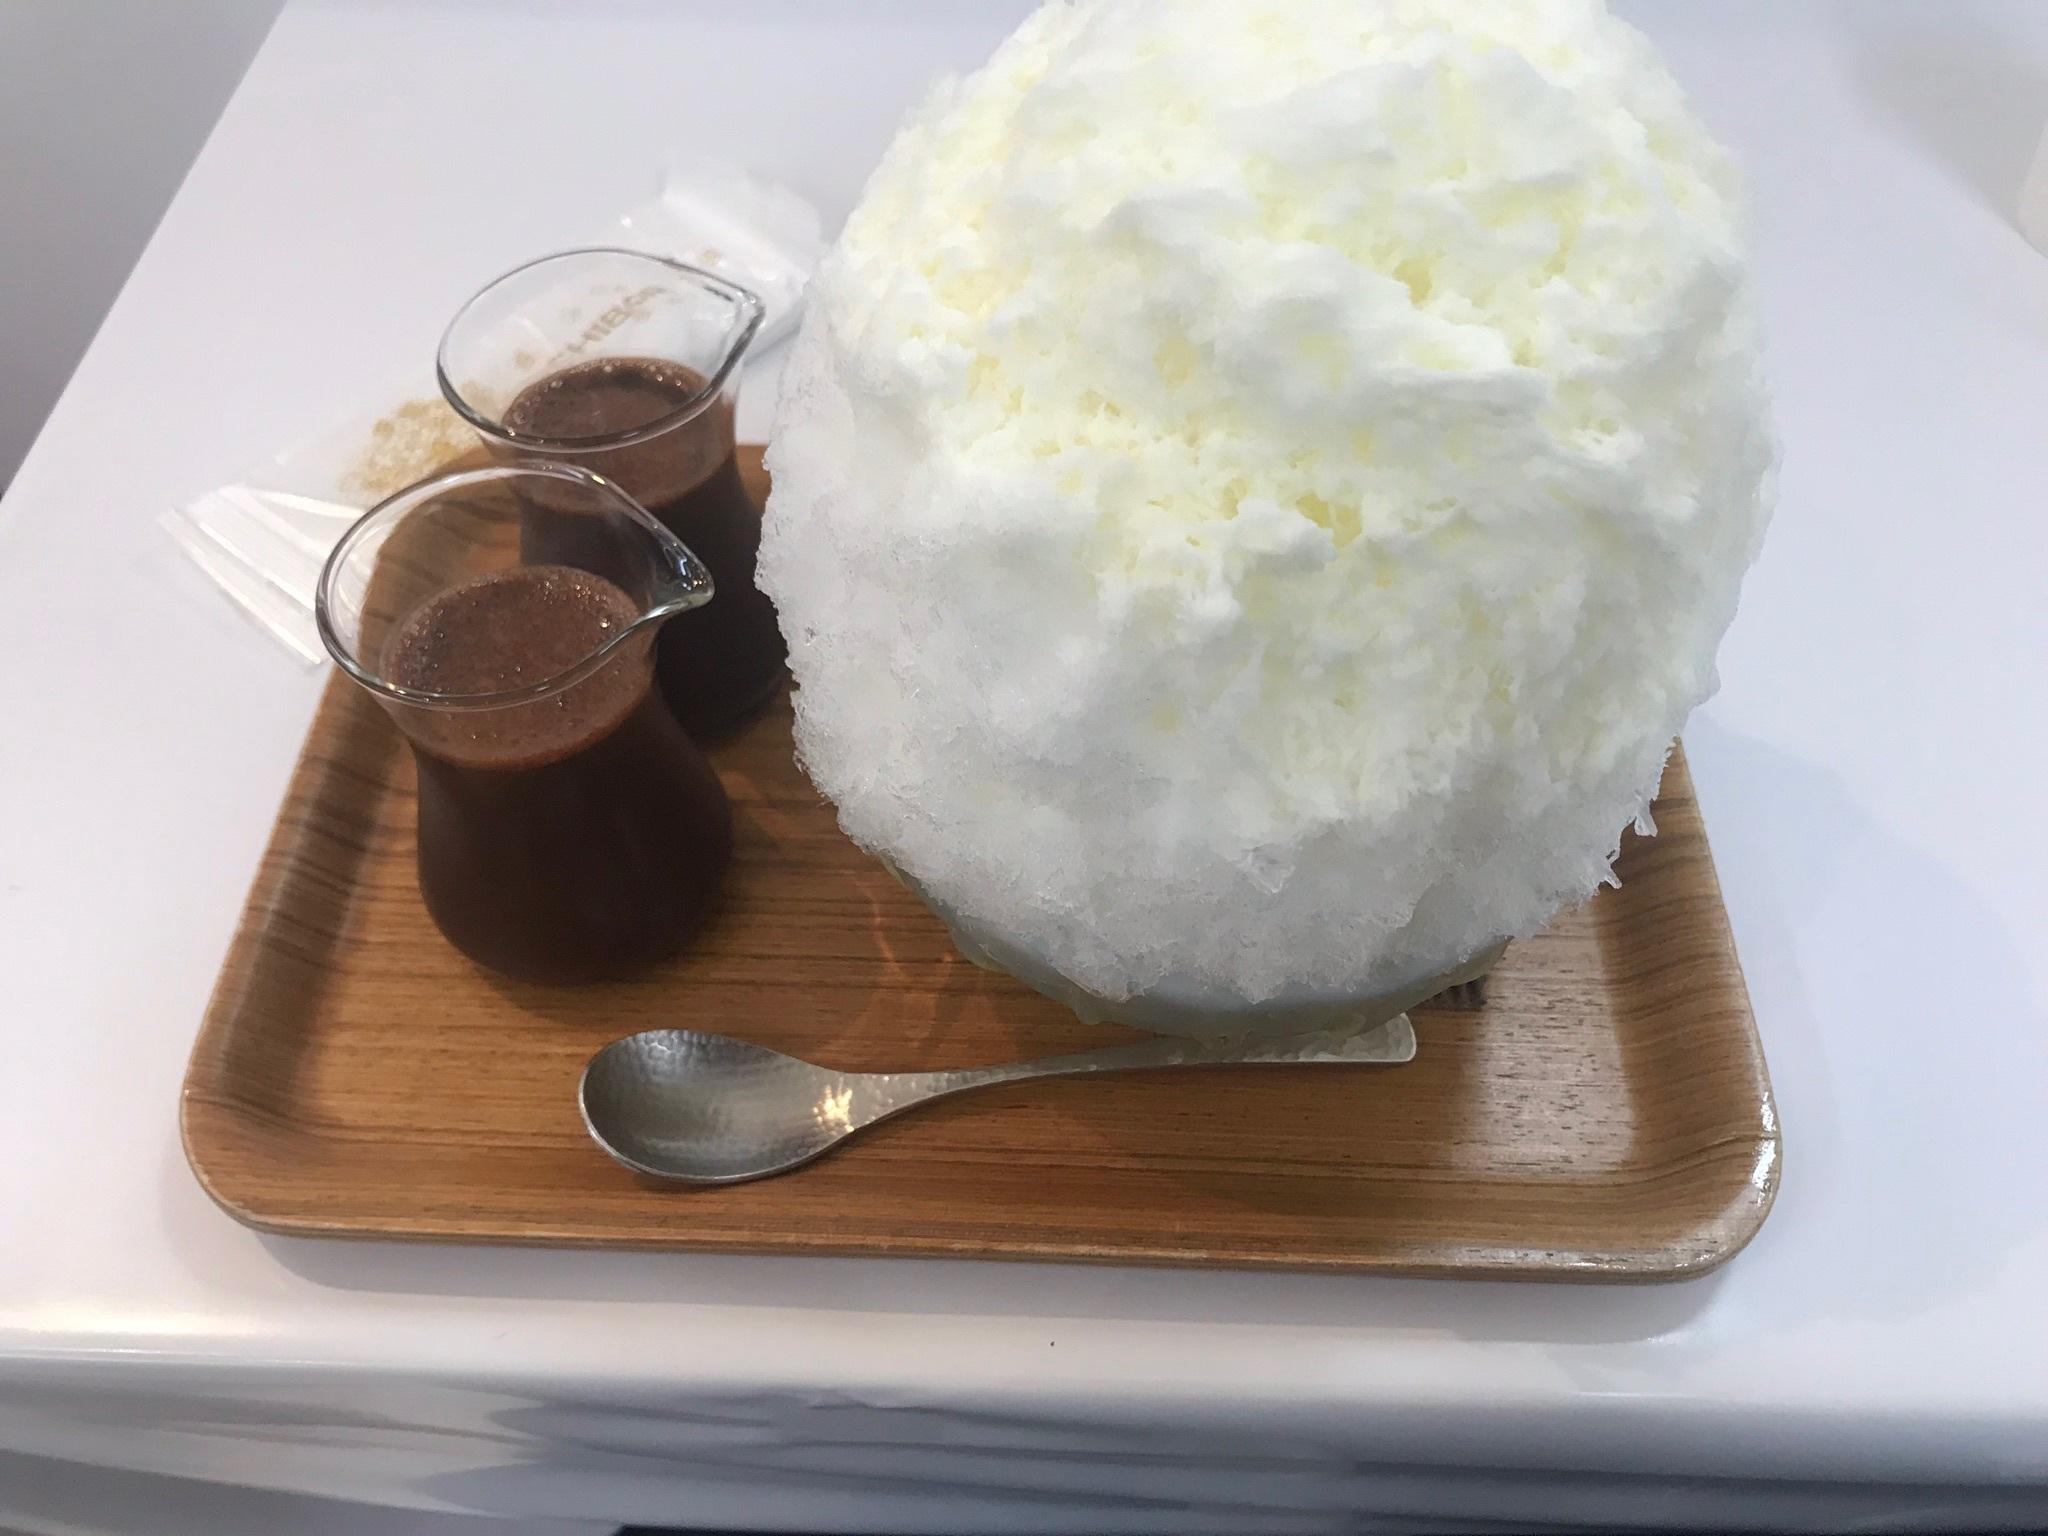 【かき氷「埜庵」】チョコとすいか【さいか屋夏季出張所】_b0009849_06290024.jpeg